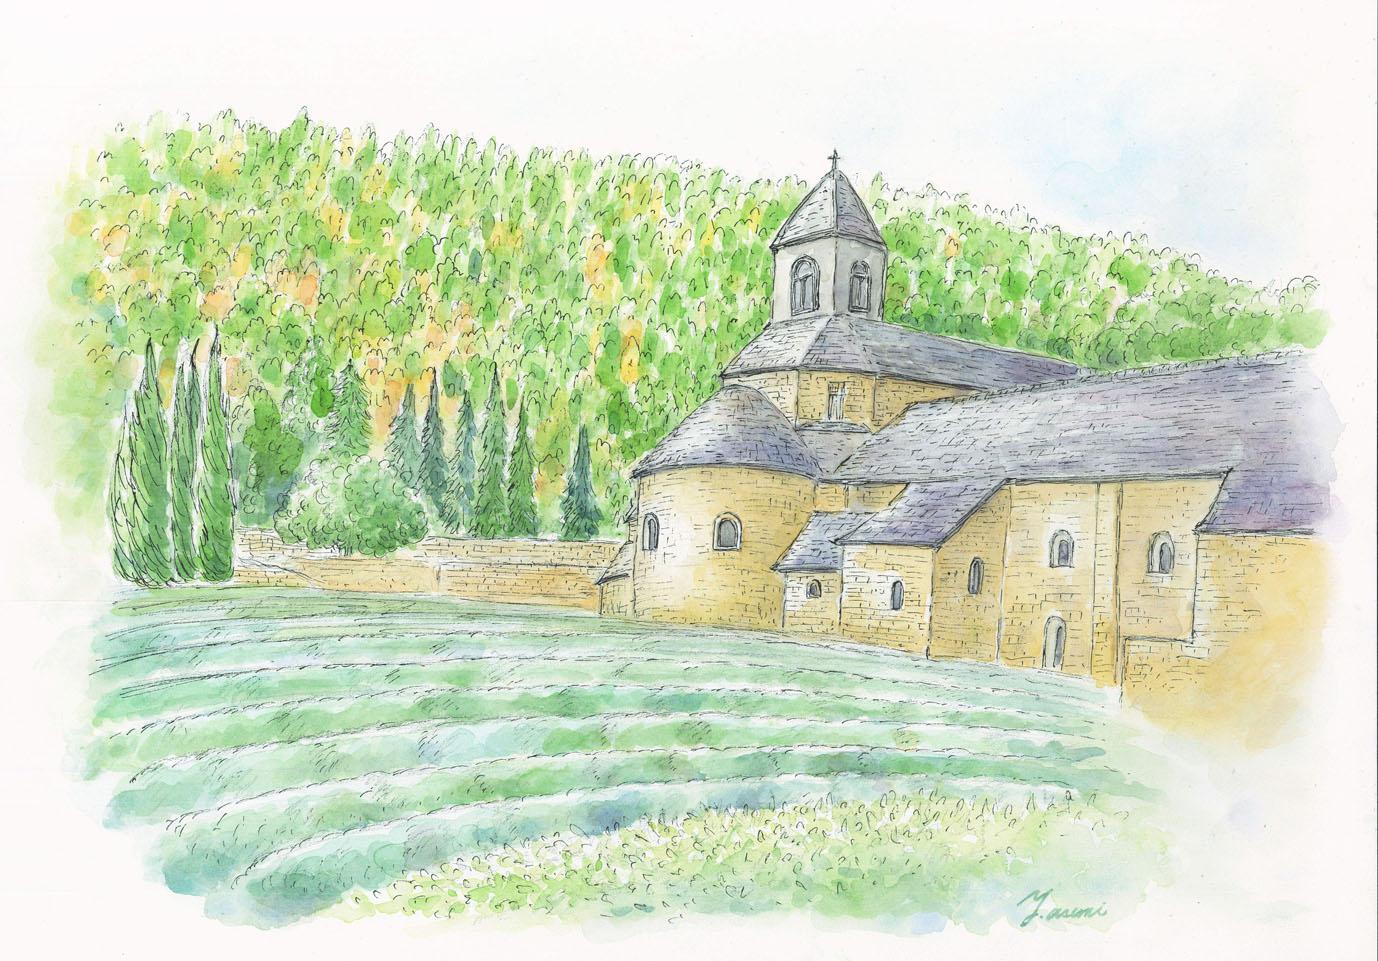 浅見 有紀「南仏プロヴァンスへの旅」 ※写真追加_e0091712_2342175.jpg